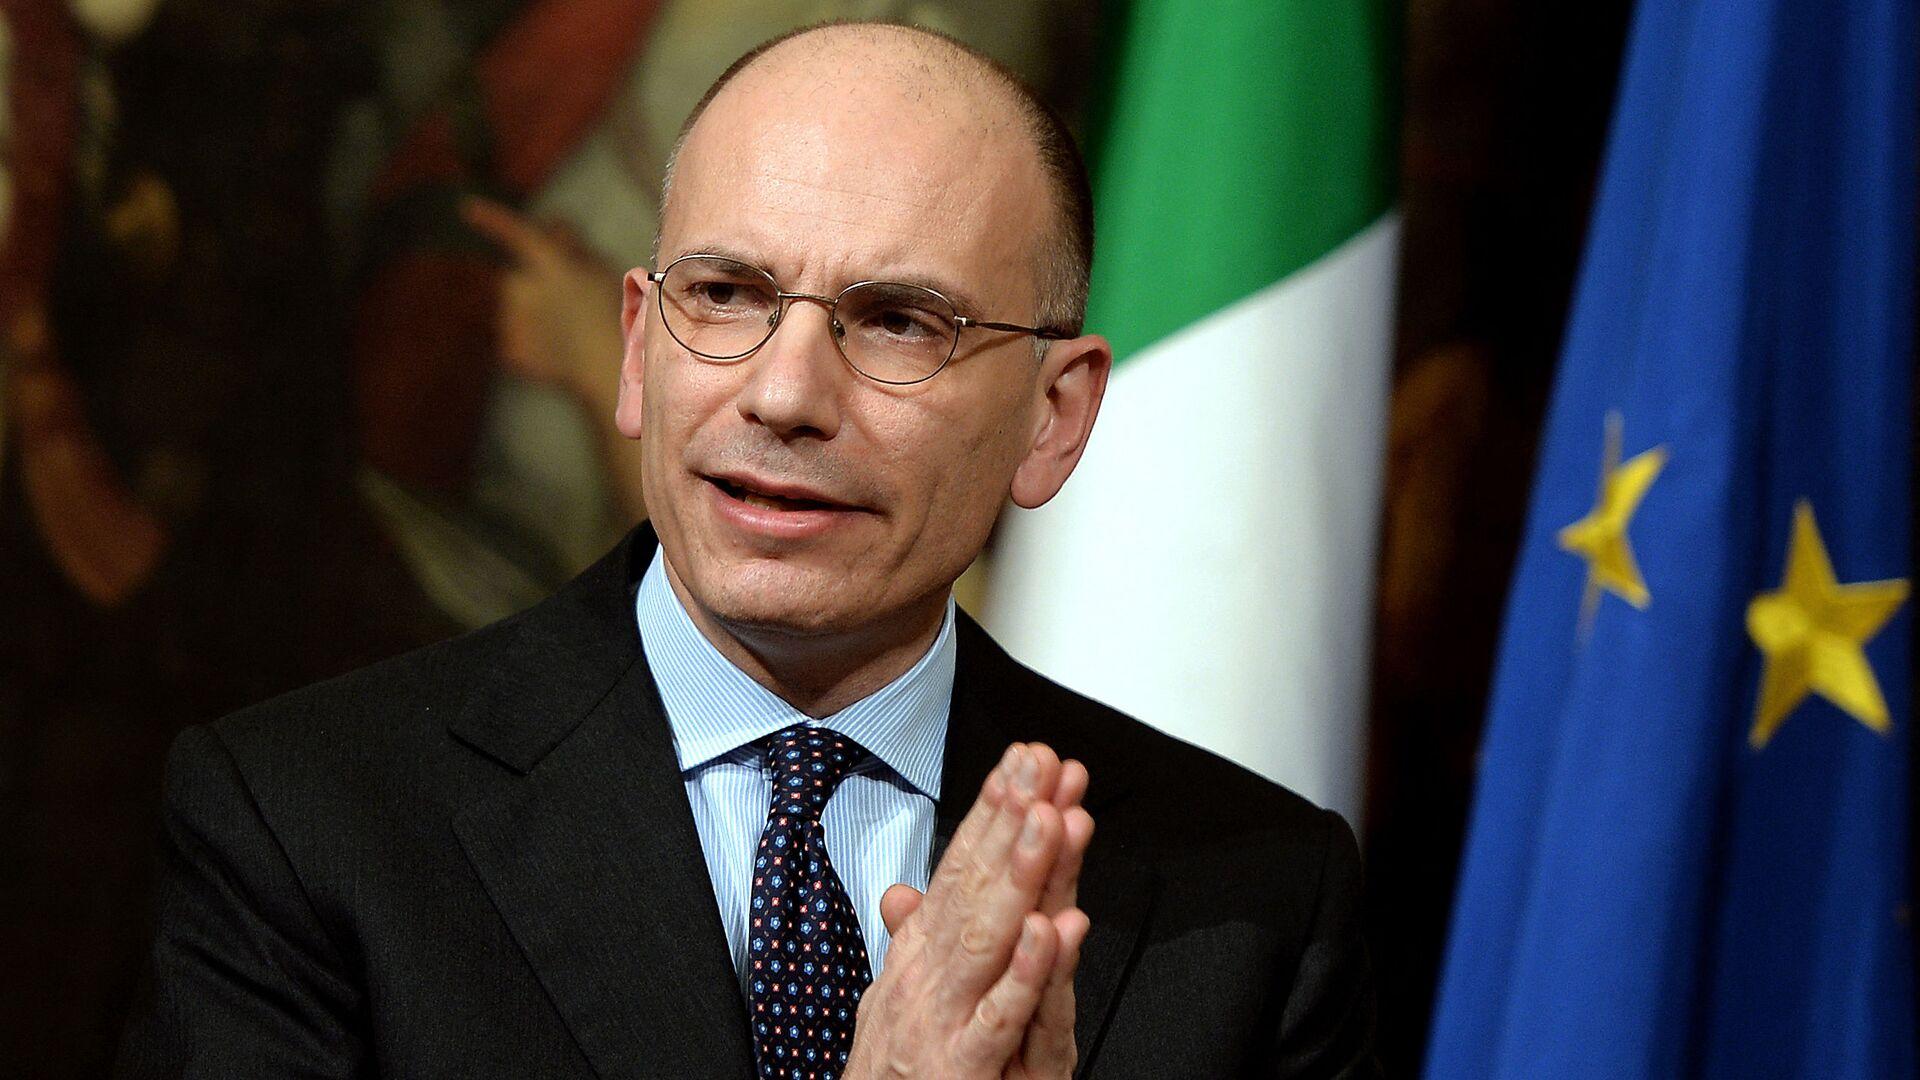 Enrico Letta, segretario del Partito Democratico - Sputnik Italia, 1920, 25.05.2021